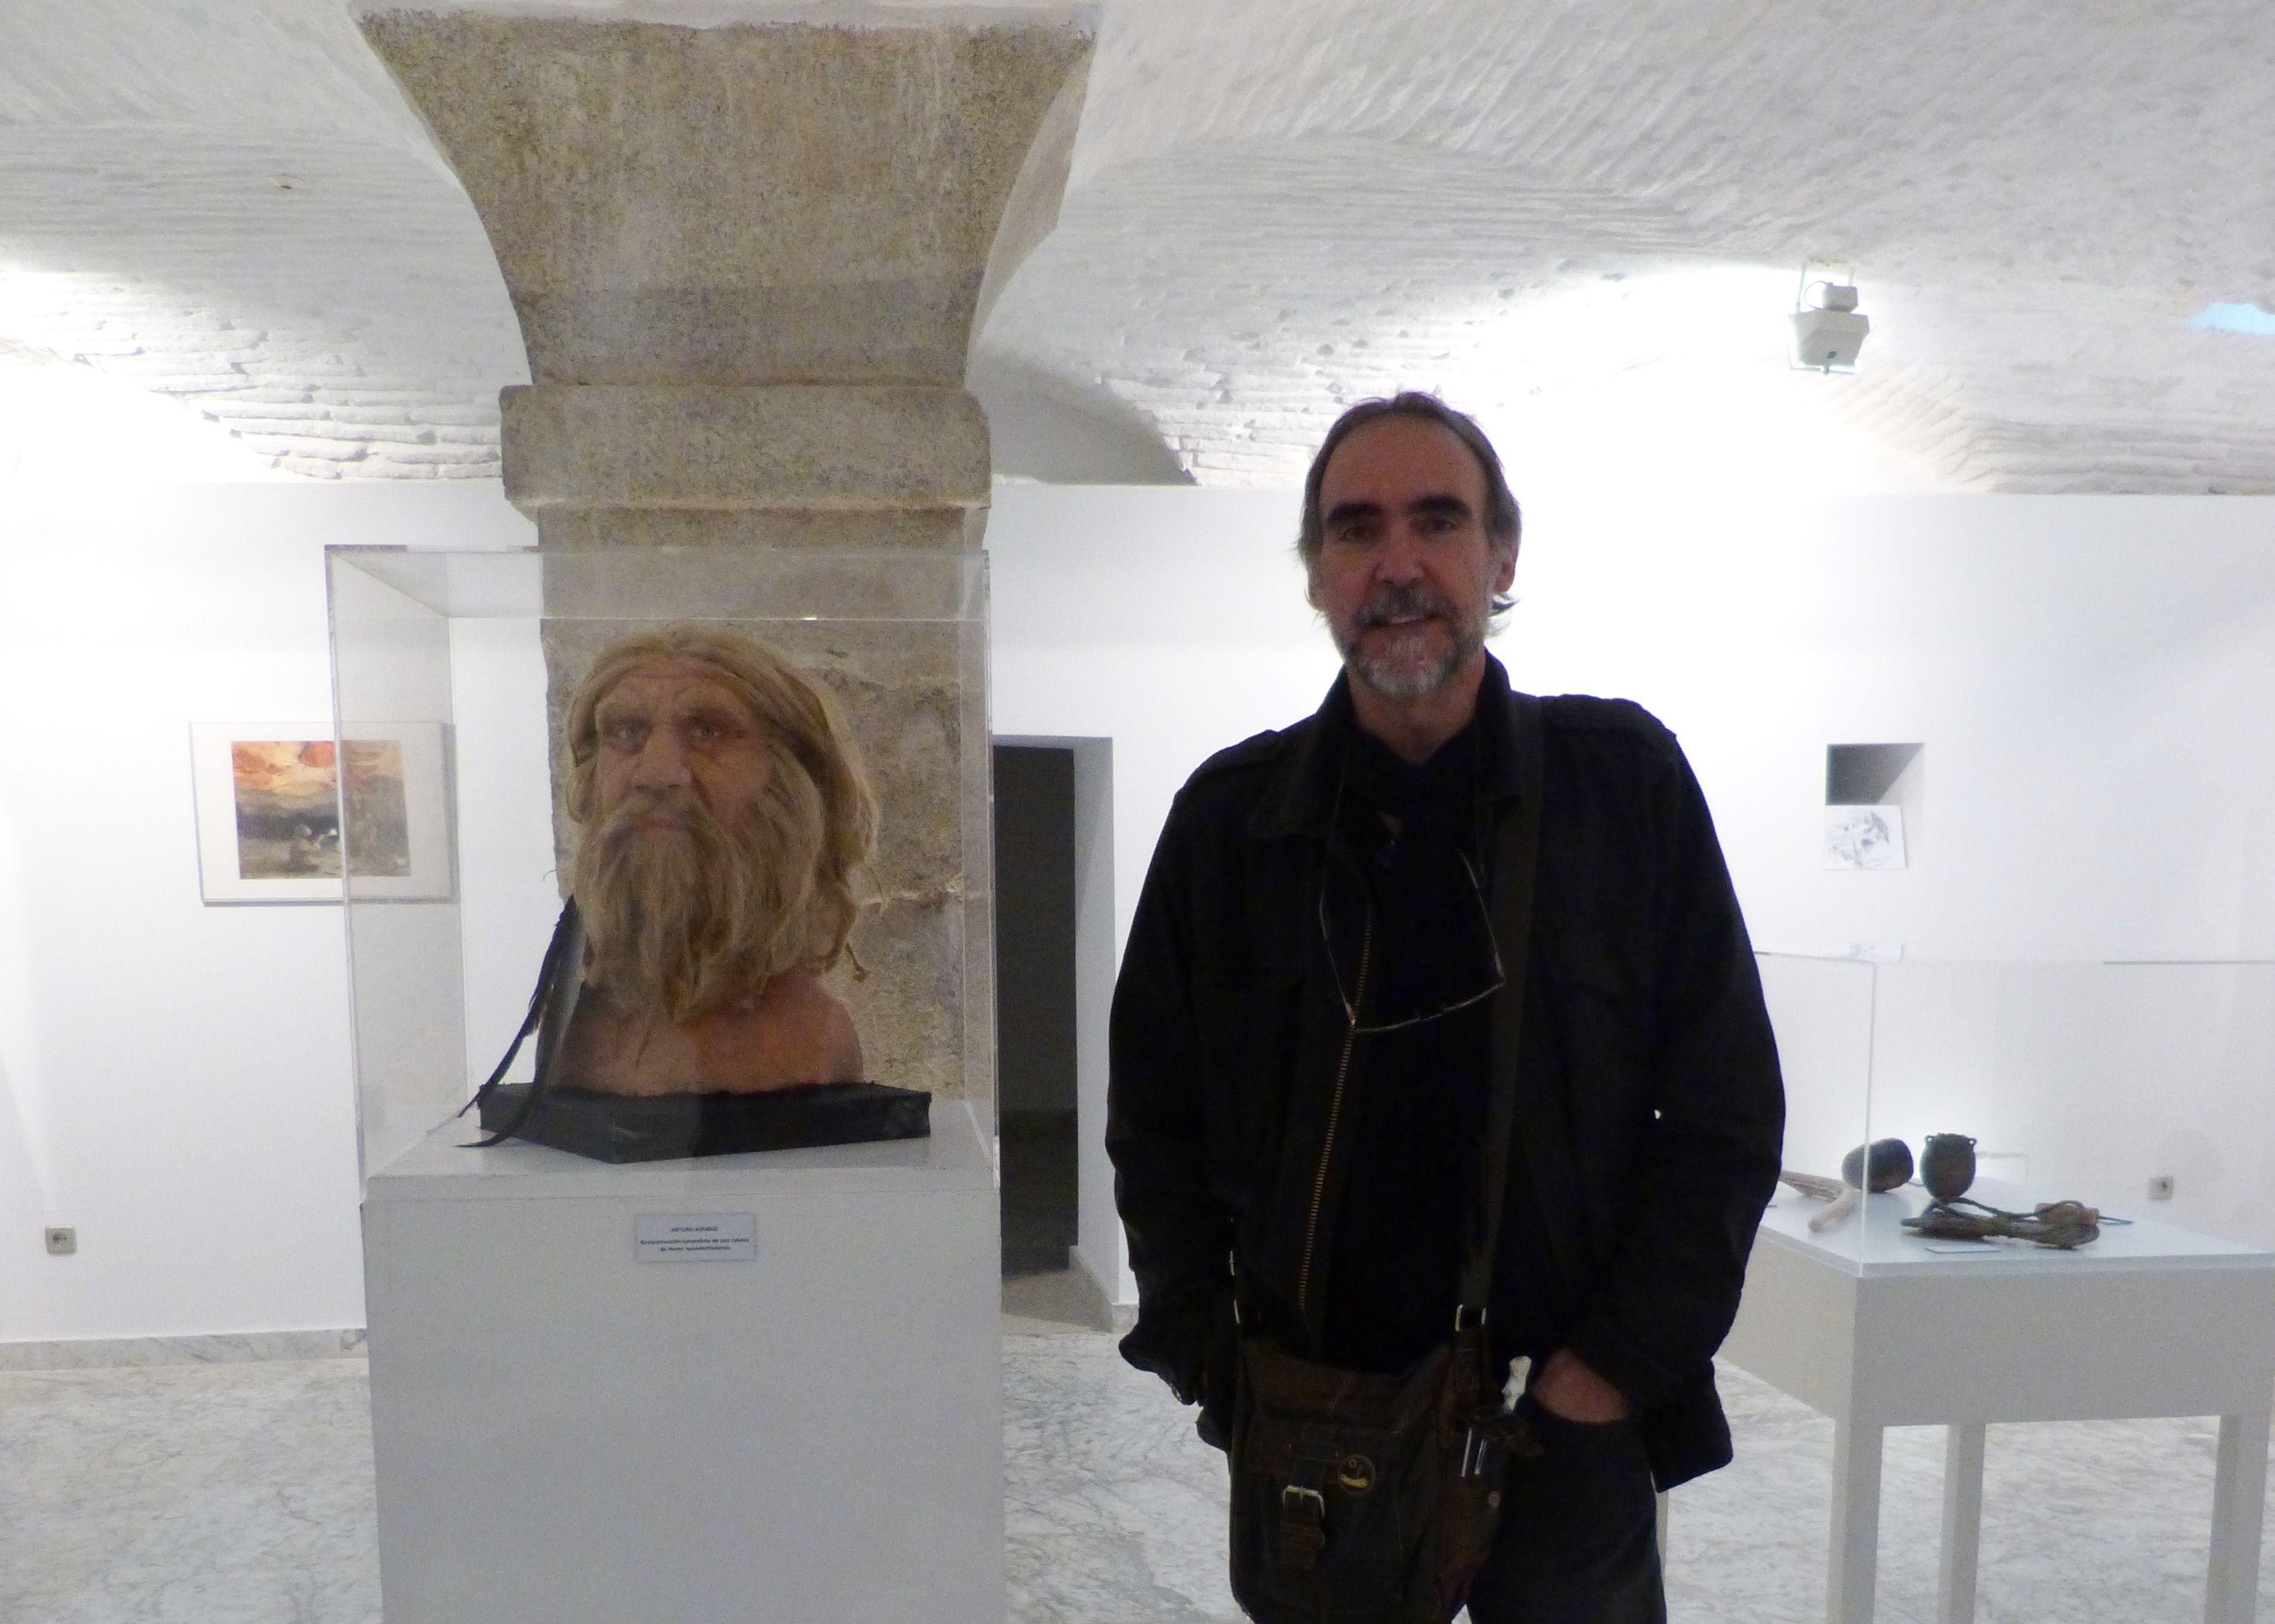 El artista plástico Arturo Asensio expone desde mañana en San Clemente